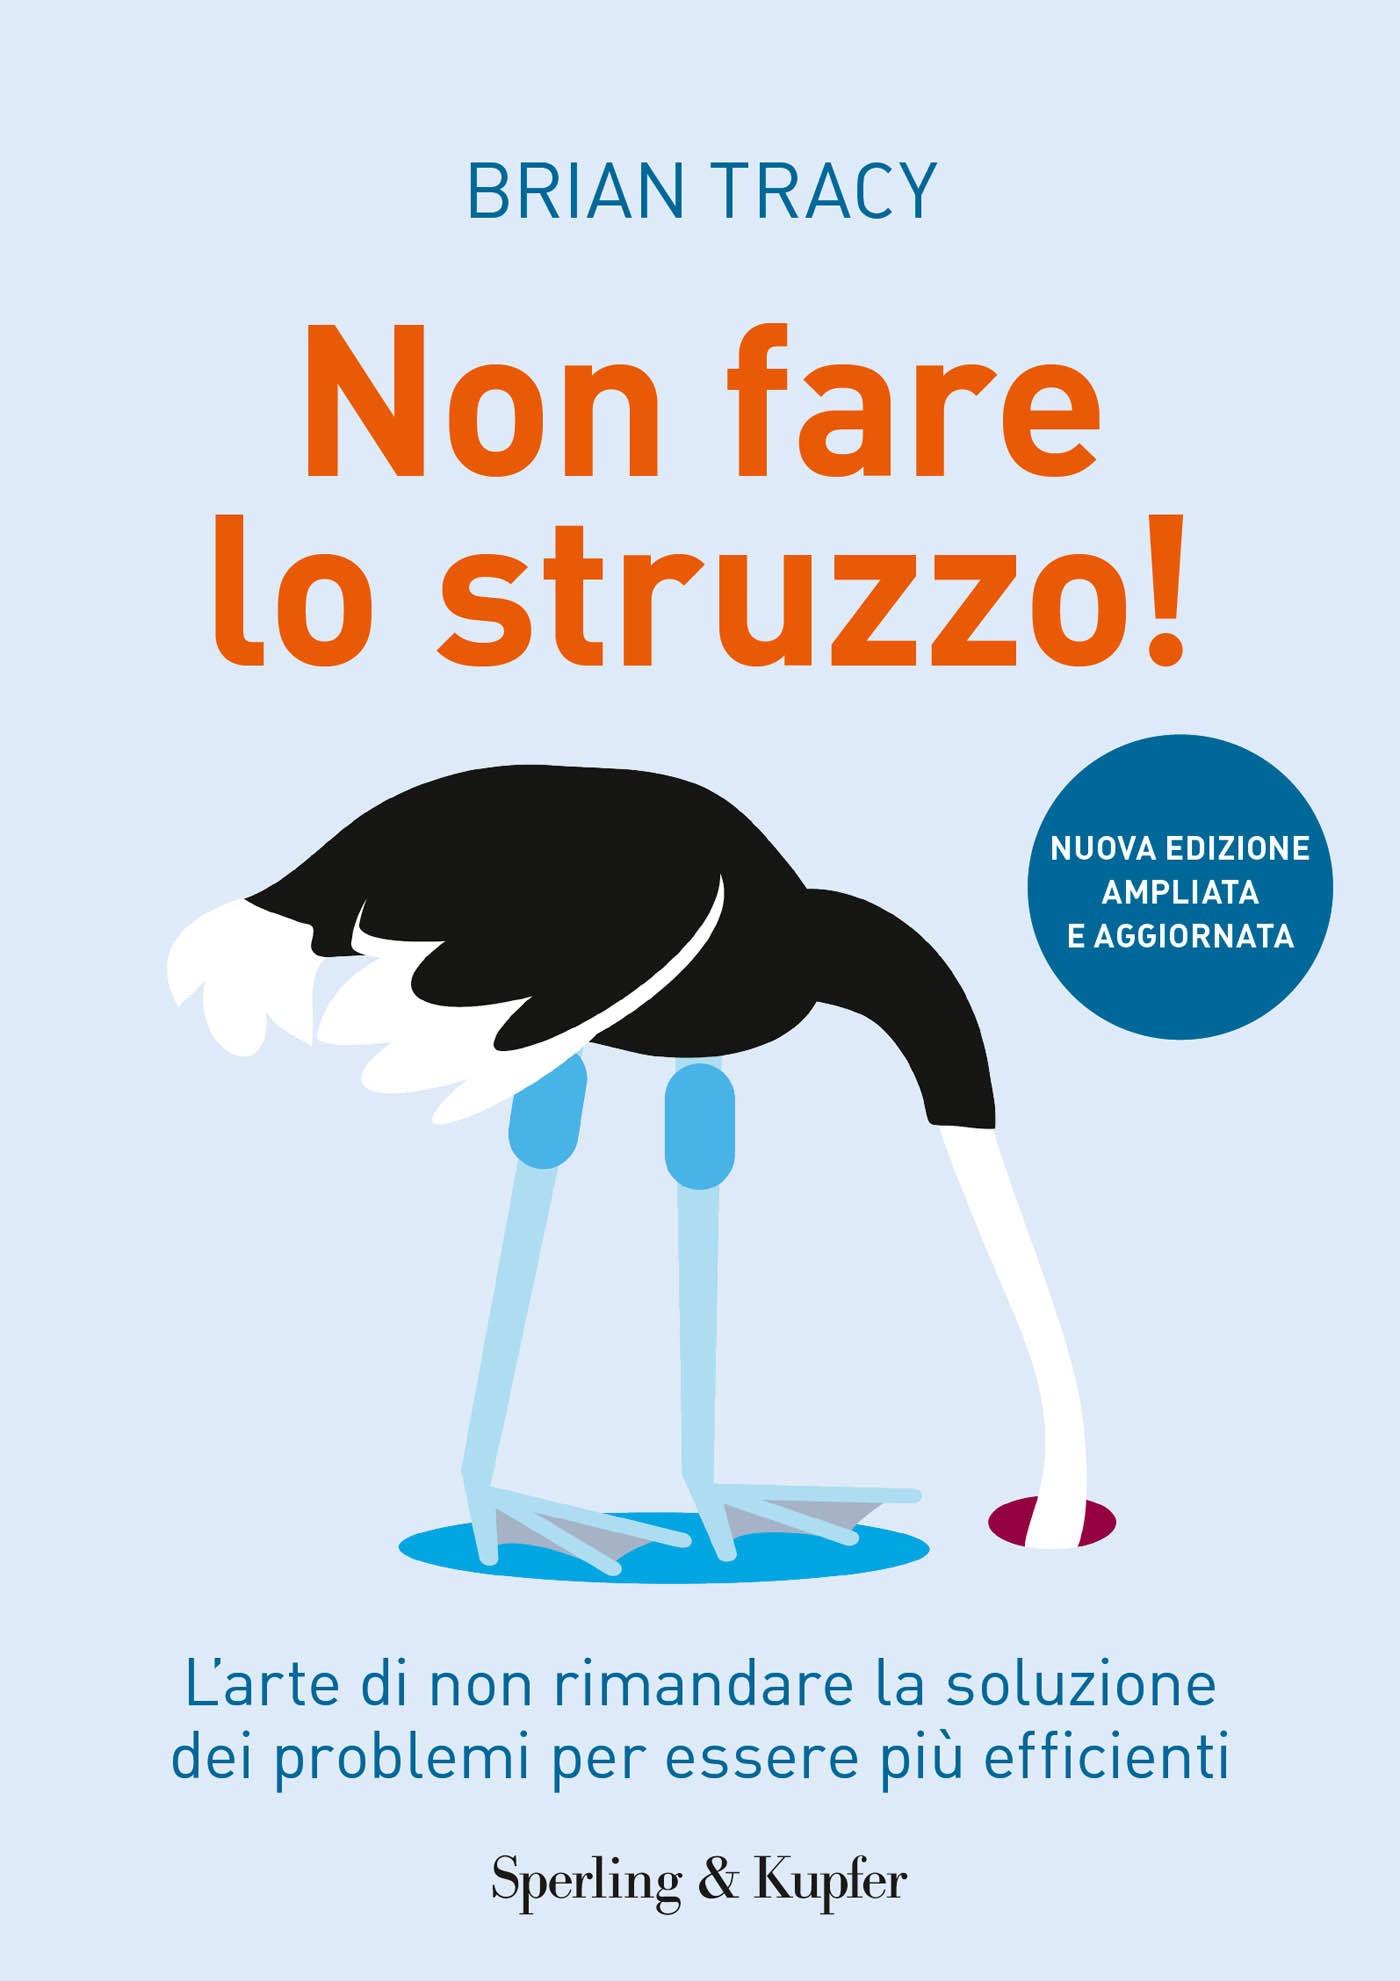 NON FARE LO STRUZZO! di Brian Tracy, traduzione di Simona Adami, Sperling & Kupfer